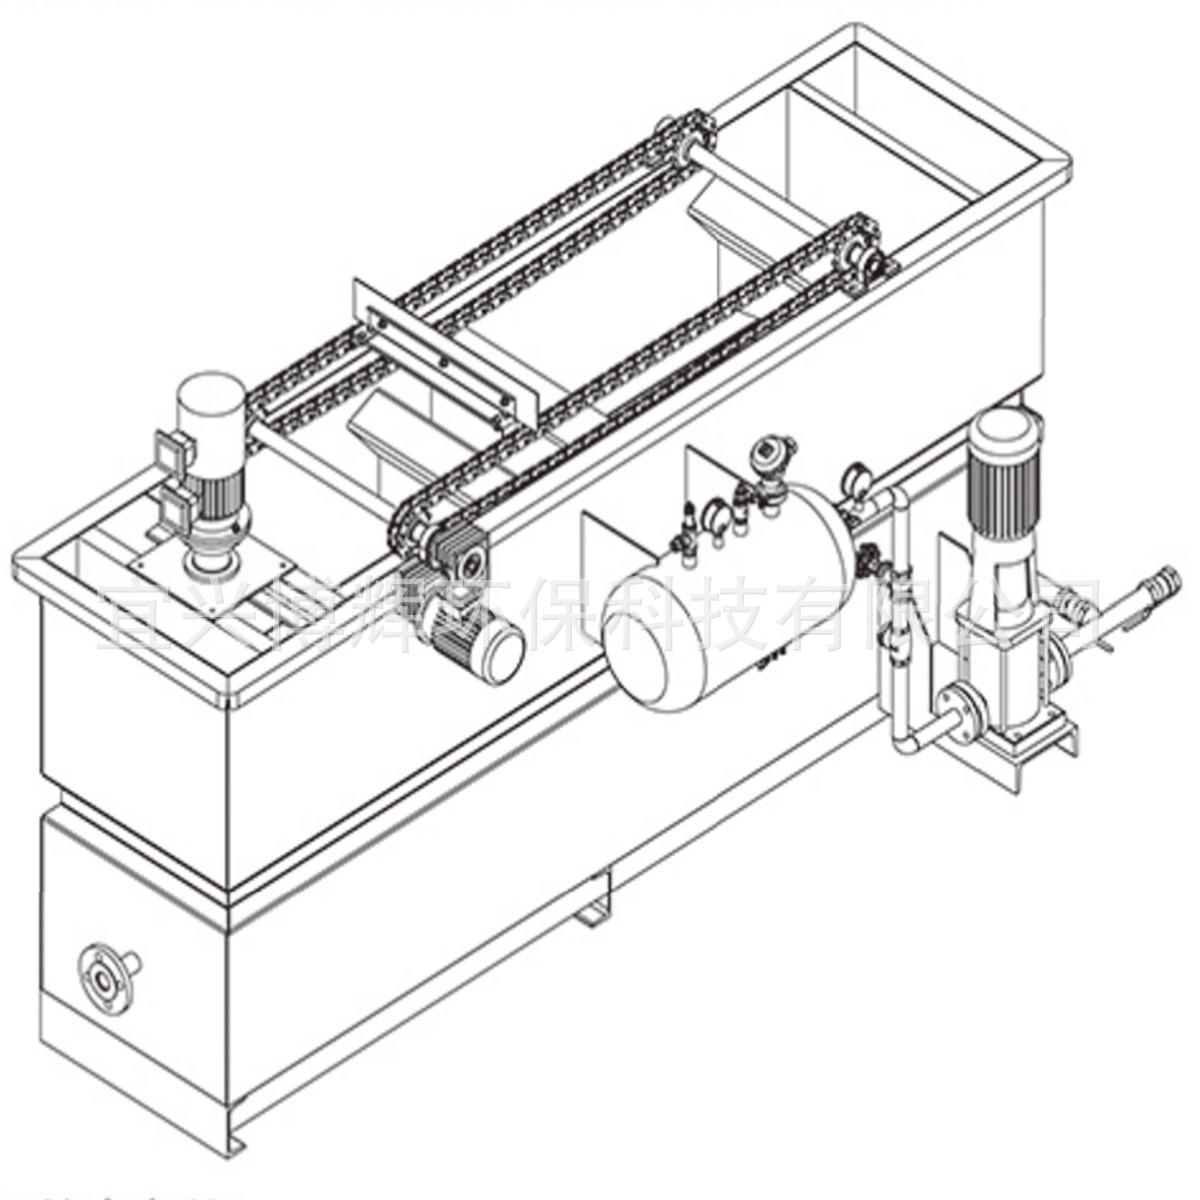 溶气气浮设备 气浮装置 印染厂废水气浮处理装置 不锈钢气浮机